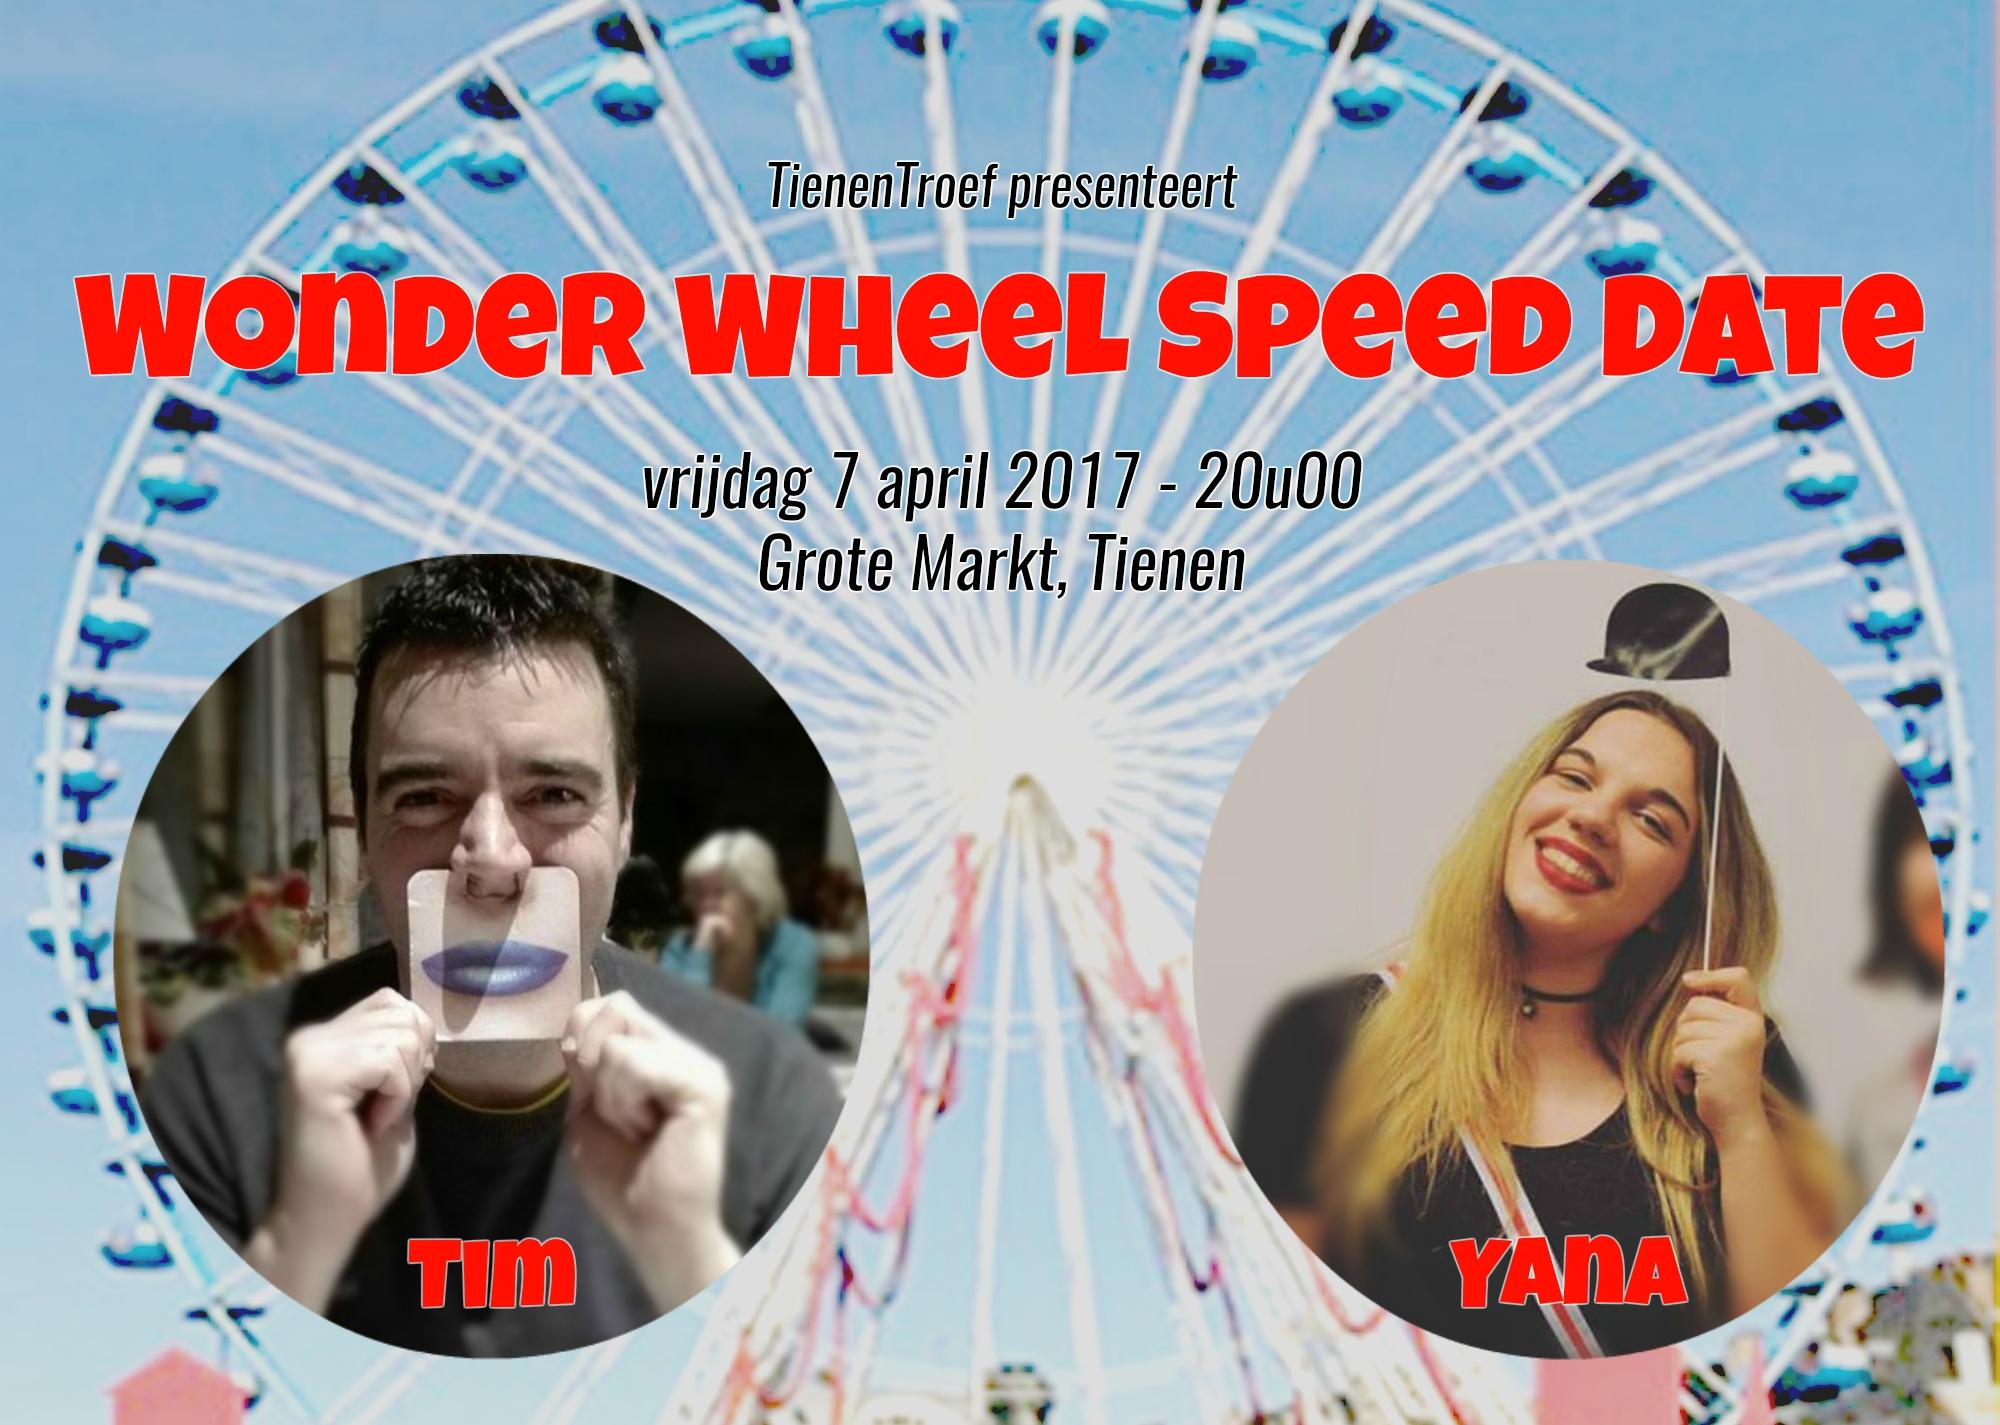 Wonder Wheel Speeddate